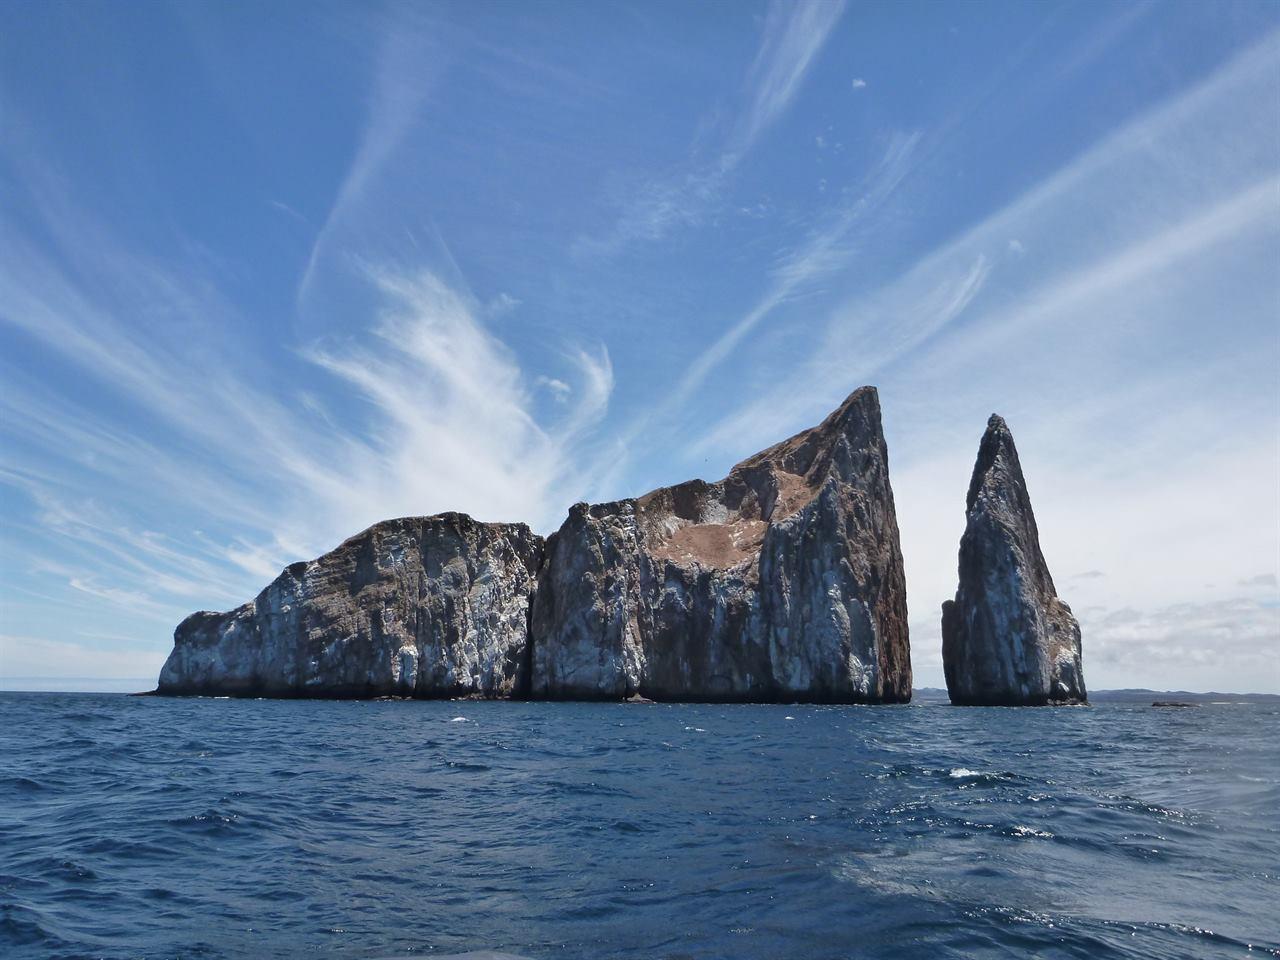 Архипелаг Галапагосских островов